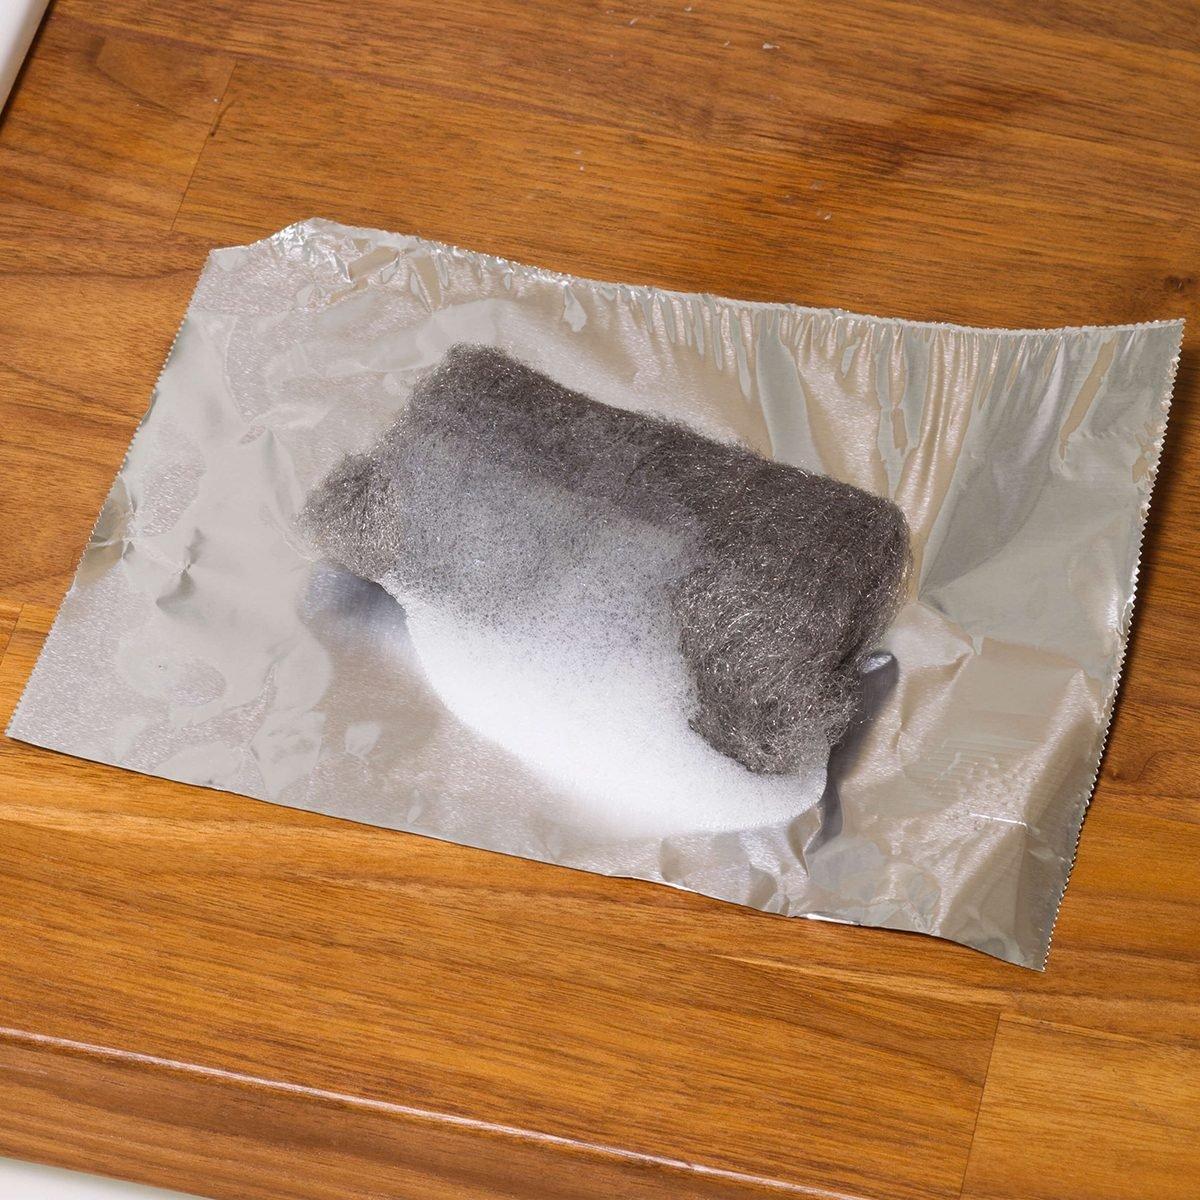 Steel wool on sheet of foil